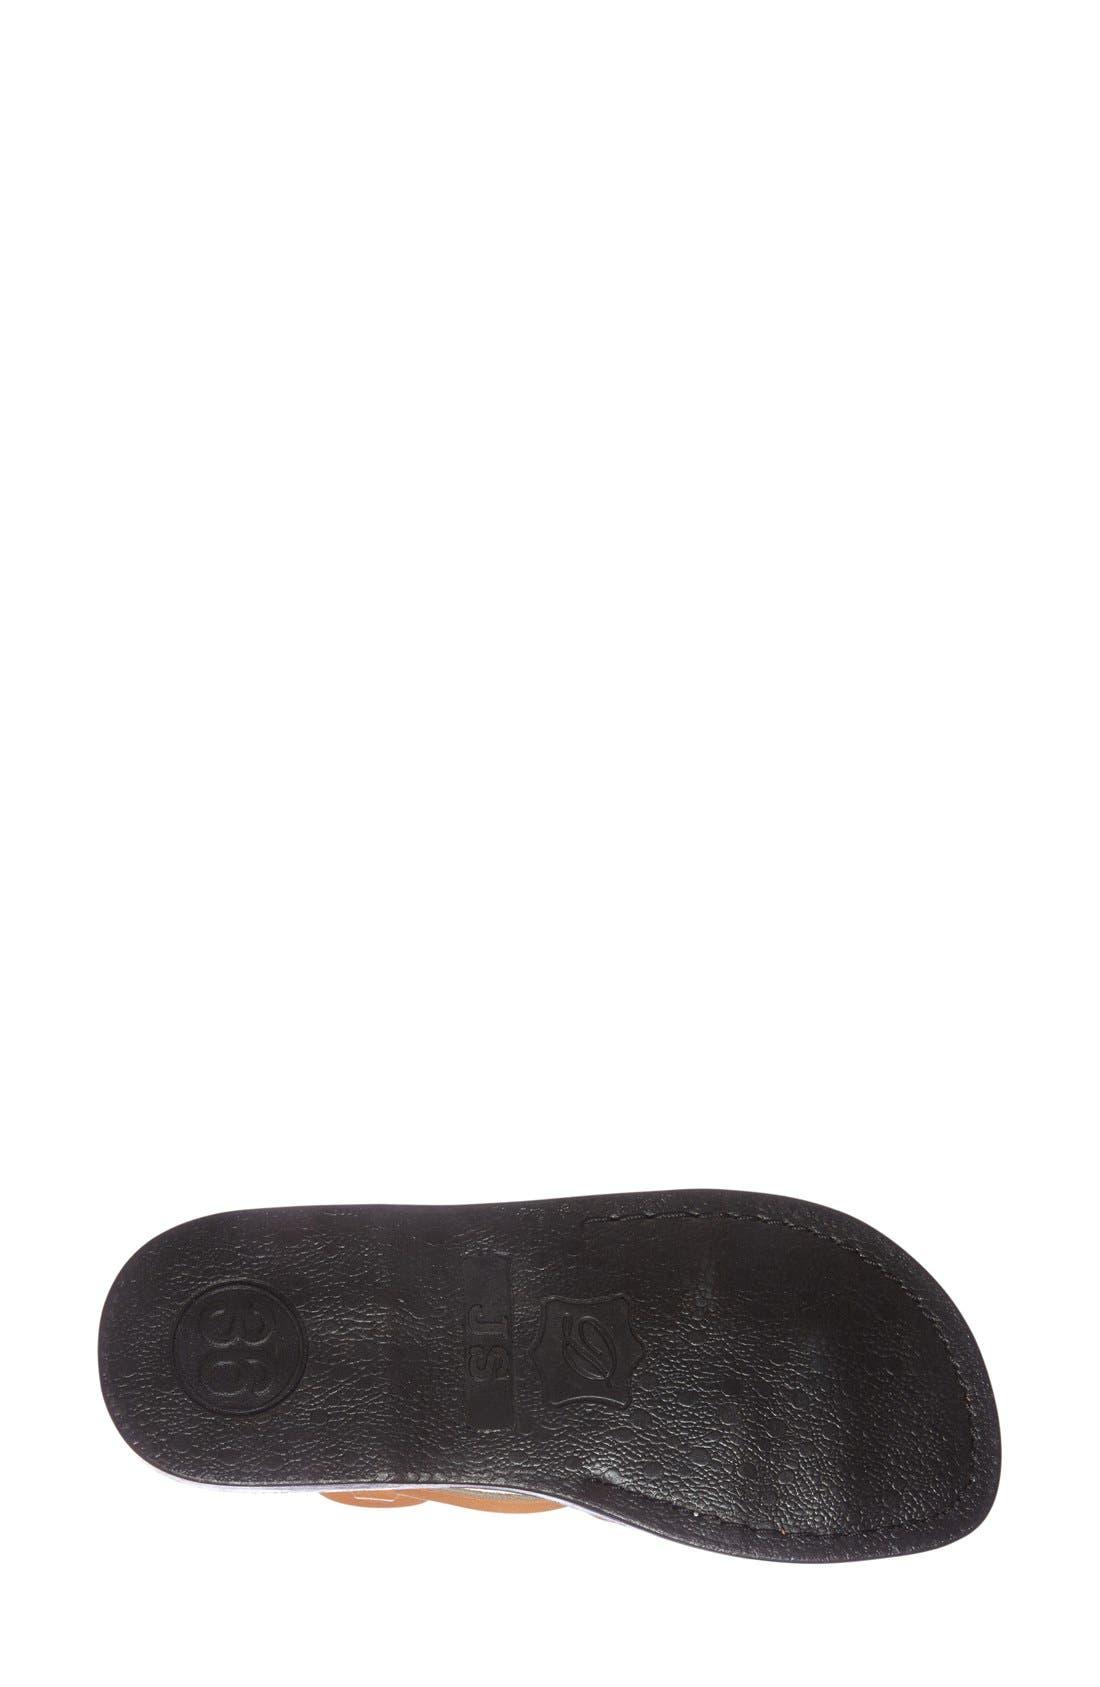 Alternate Image 4  - Jerusalem Sandals 'Tamar' Strappy Sandal (Women)